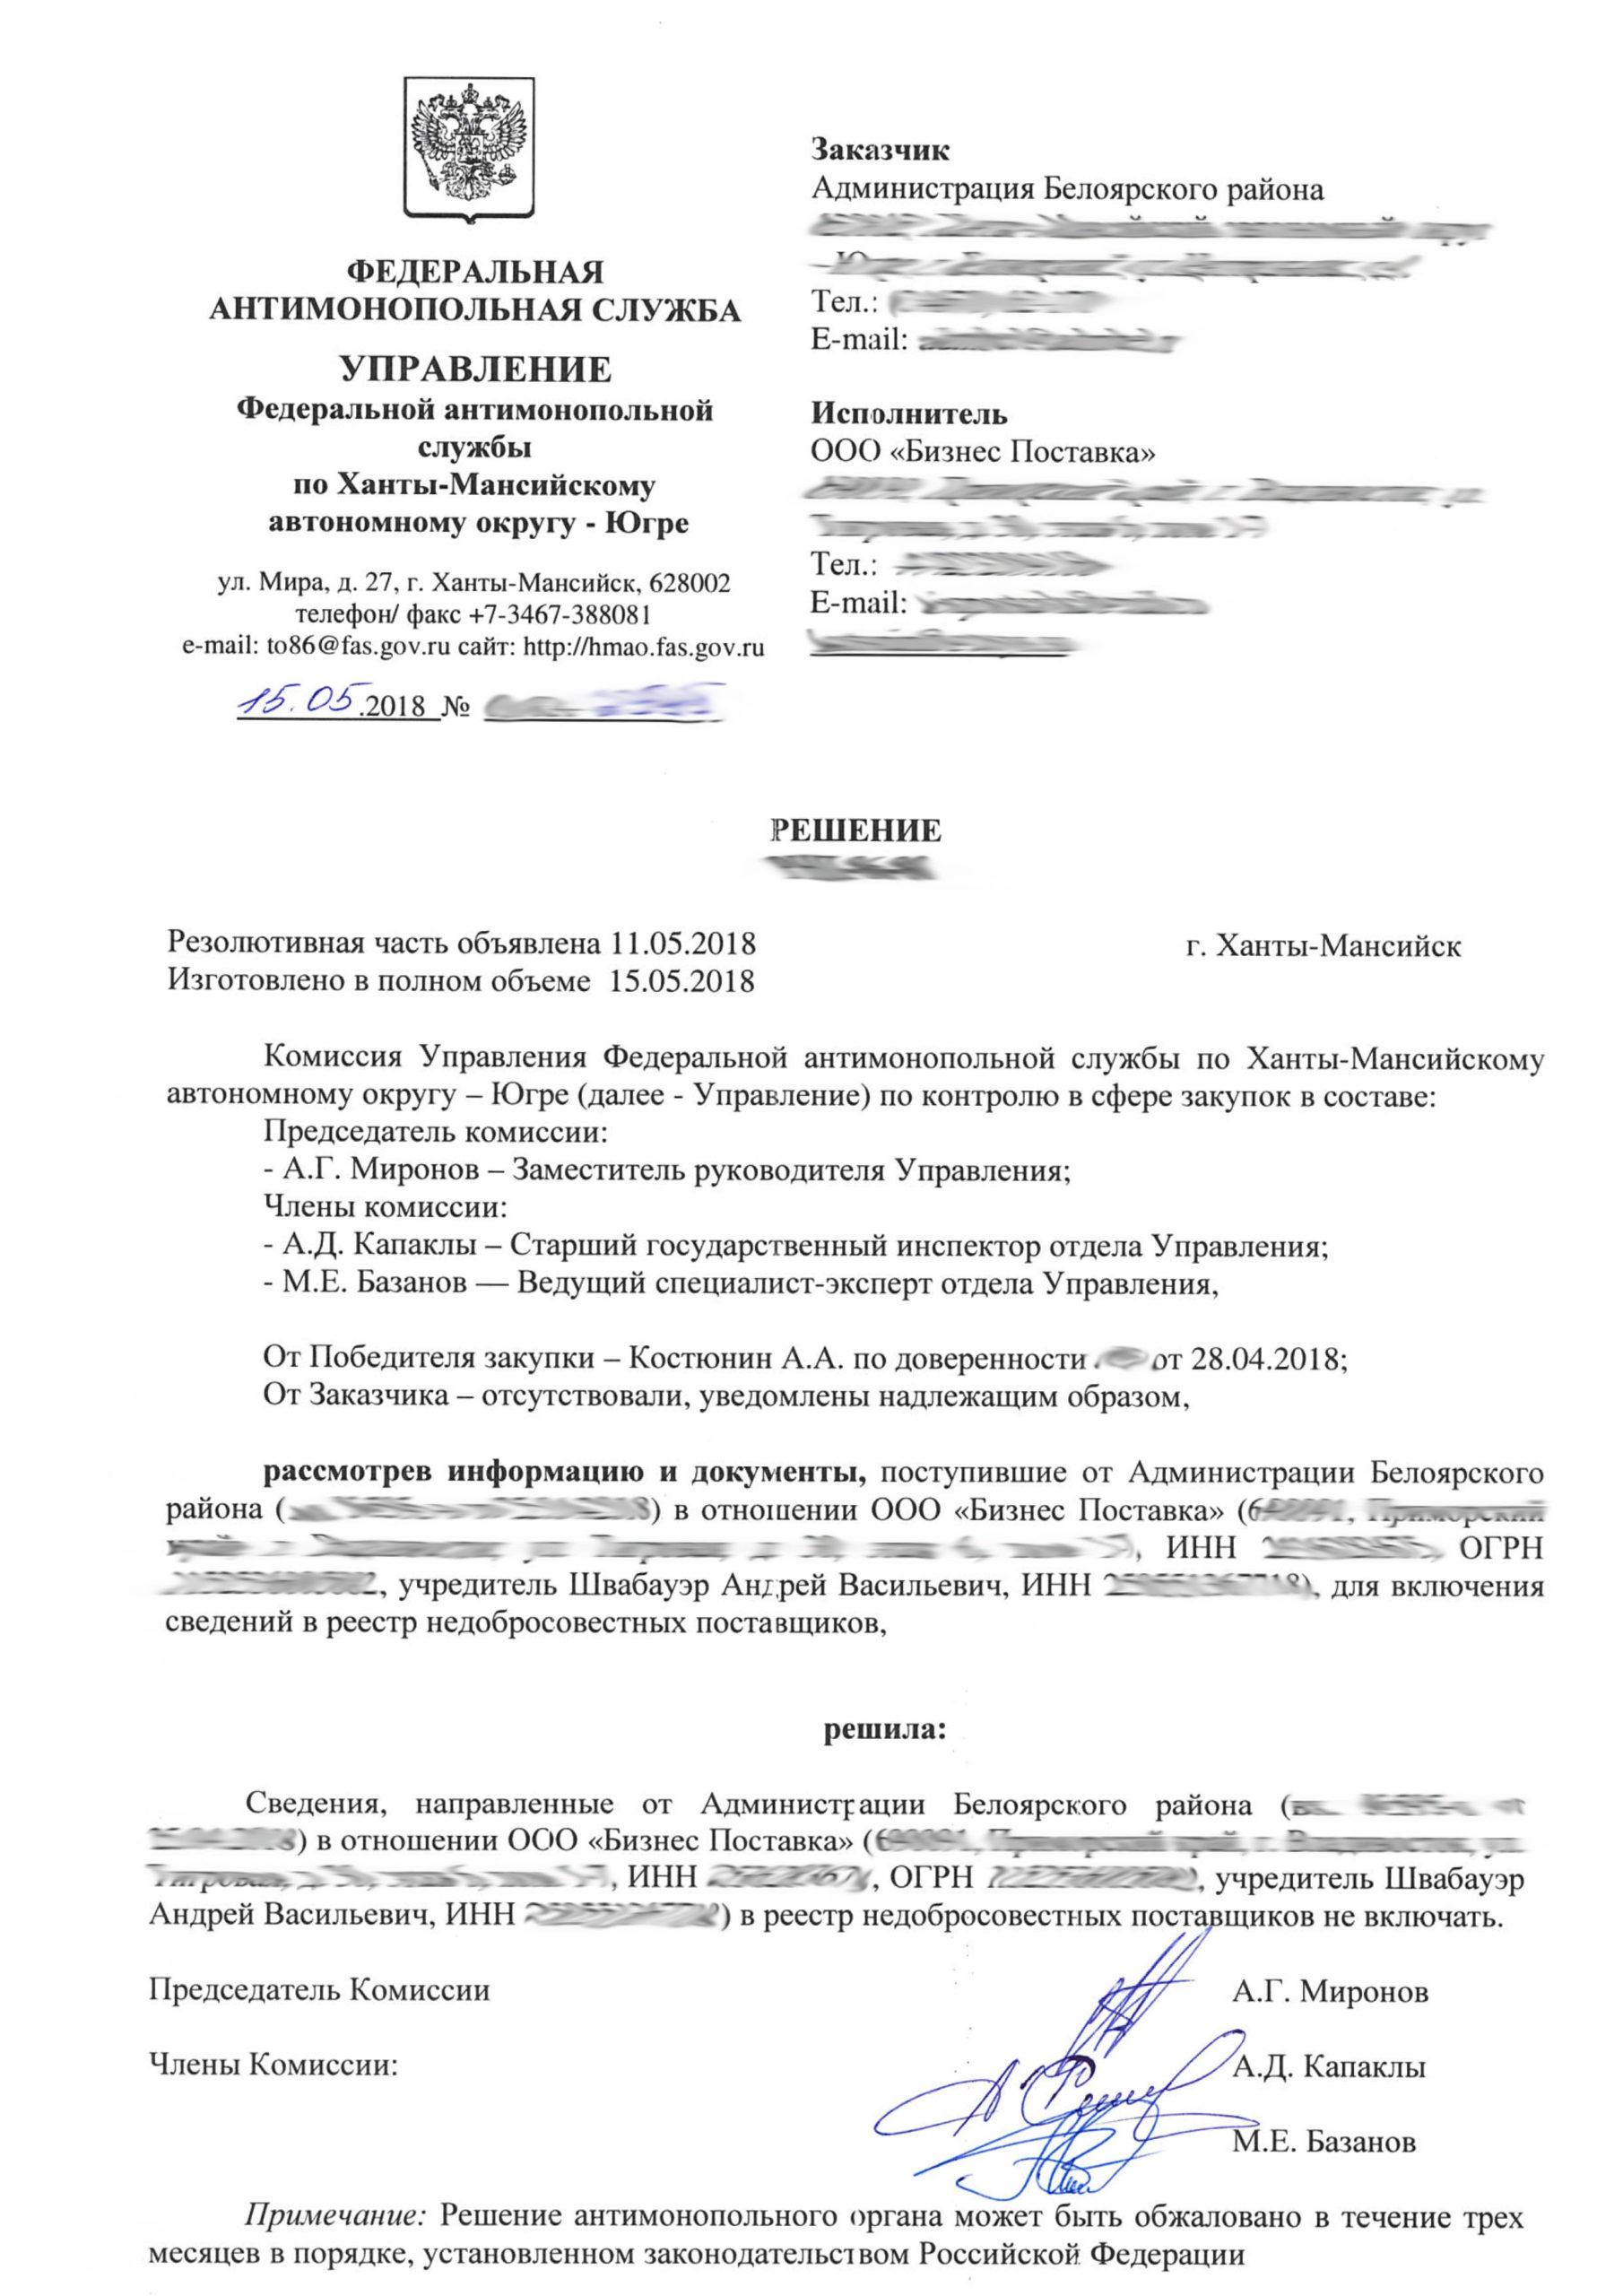 УФАС по Ханты-Мансийскому автономному округу-Югре Бизнес Поставка решение